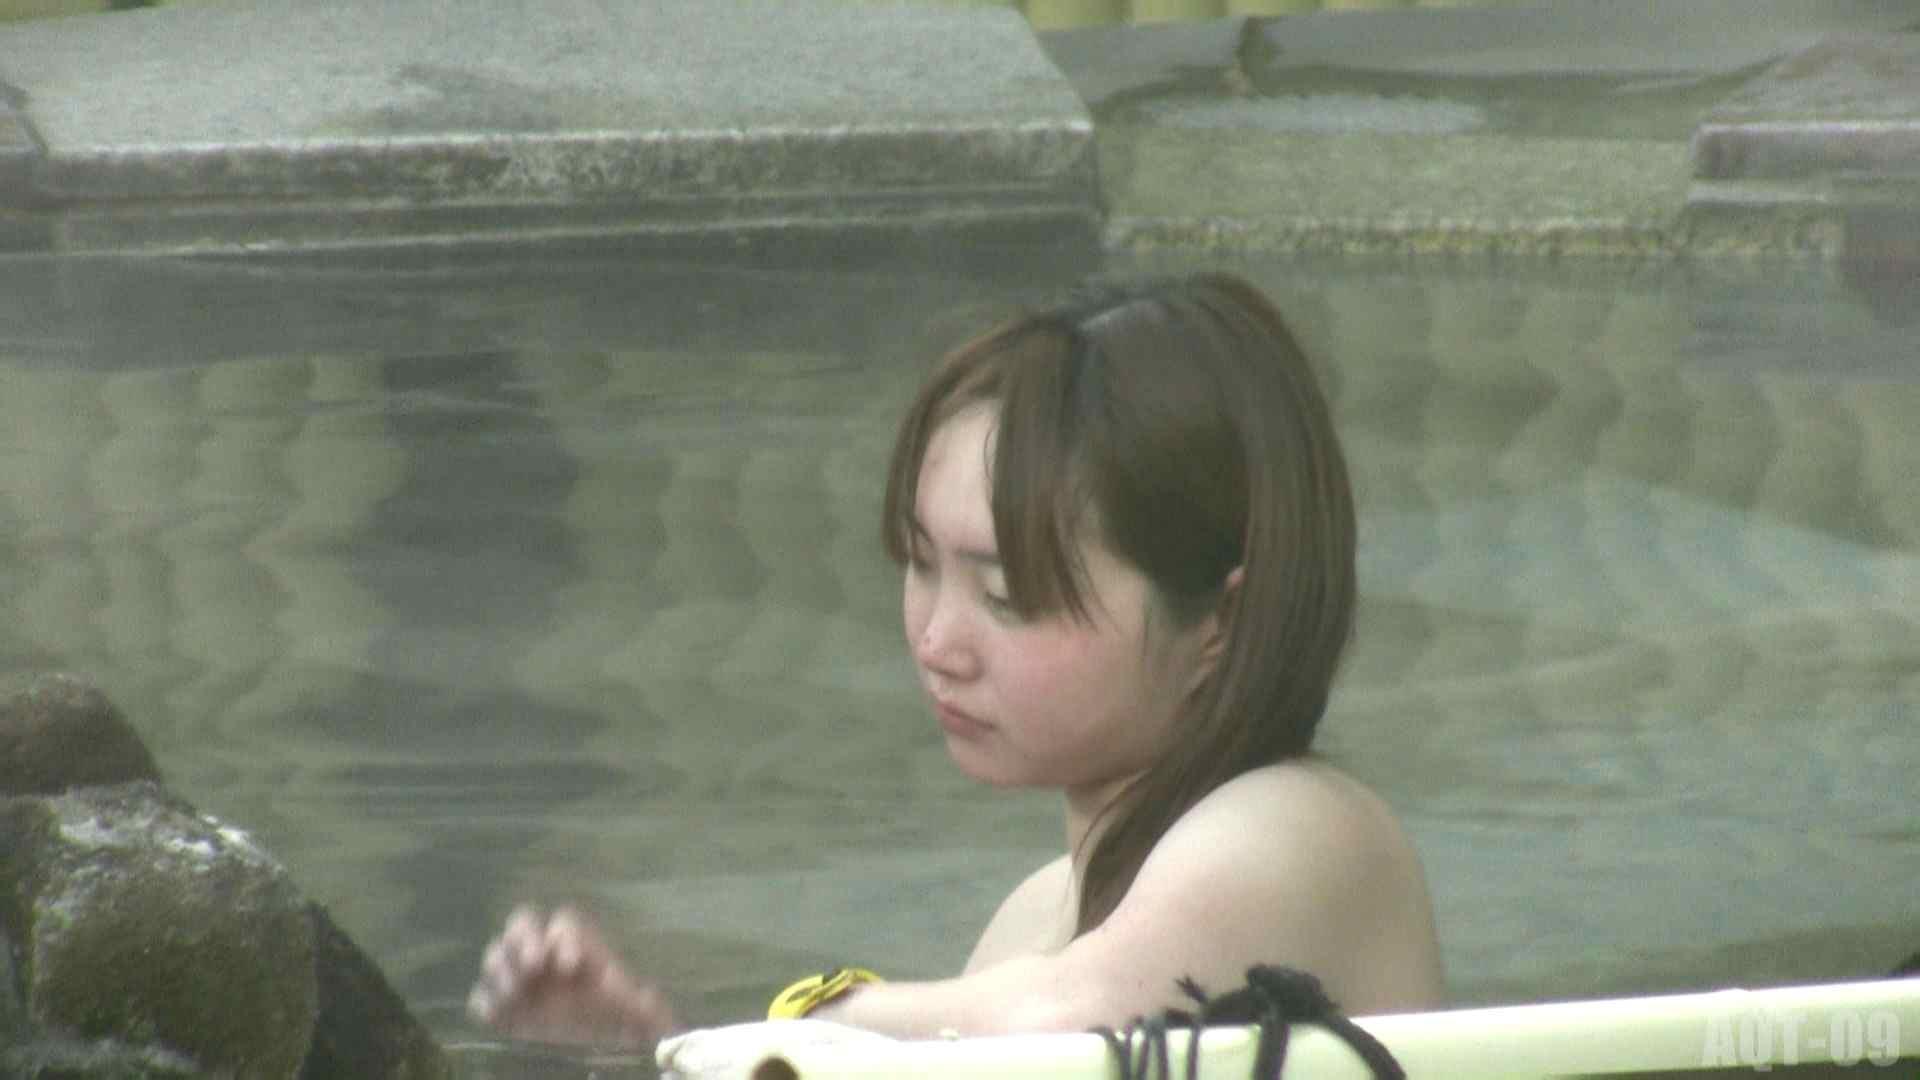 Aquaな露天風呂Vol.781 盗撮  110画像 57